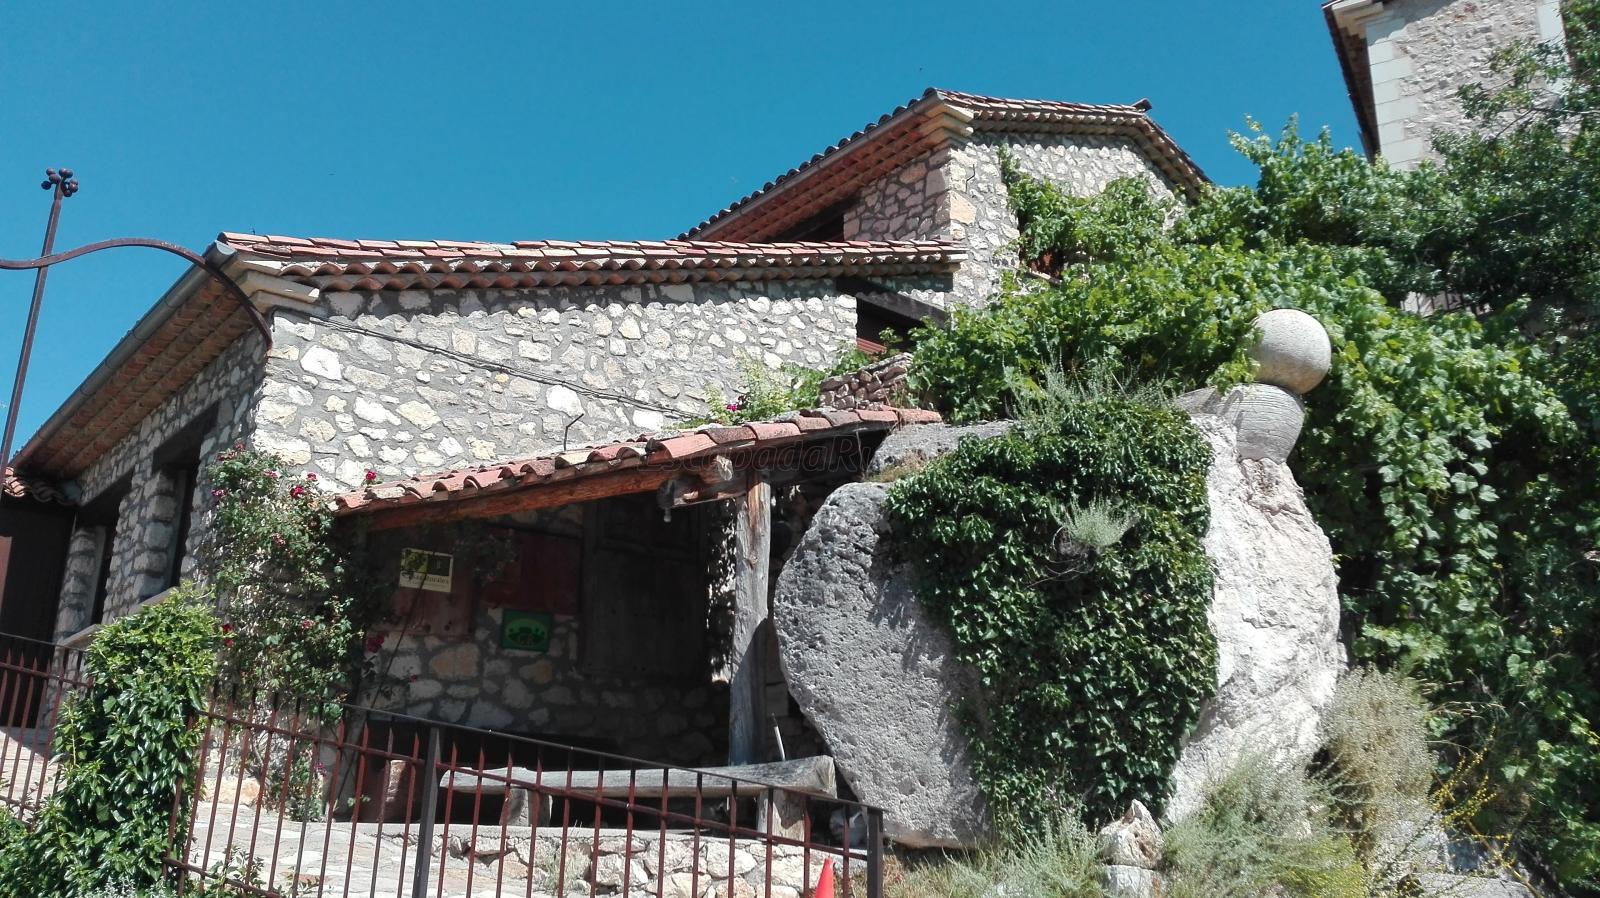 Opiniones sobre casa checa cuenca - Casa patio del panadero ...